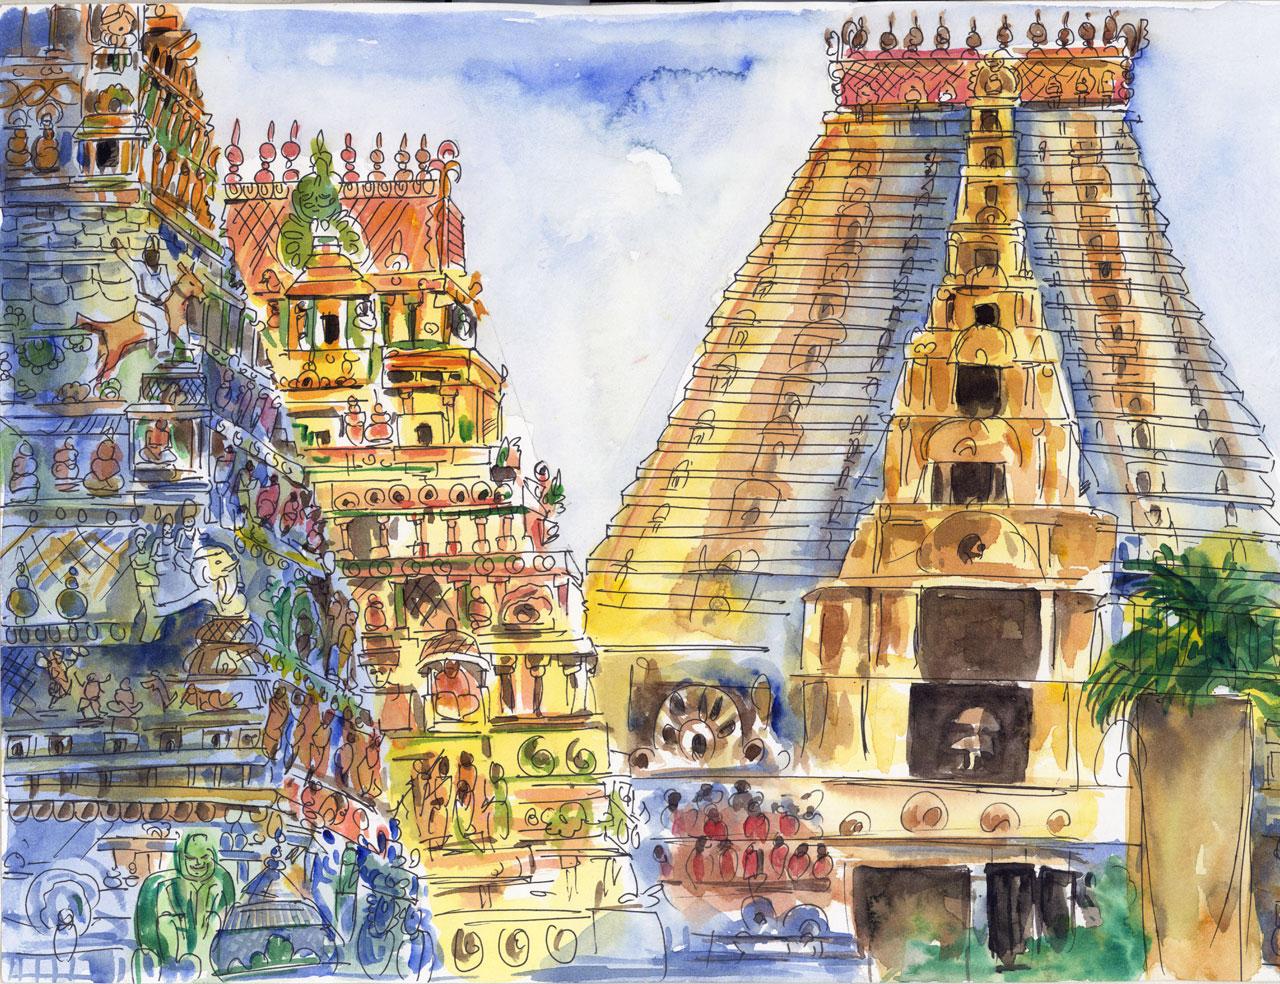 pondicherry buddhist personals Pondicherry free classified ads, pondicherry lettings, pondicherry property,  pondicherry dating, pondicherry cars, pondicherry jobs, pondicherry lesson.